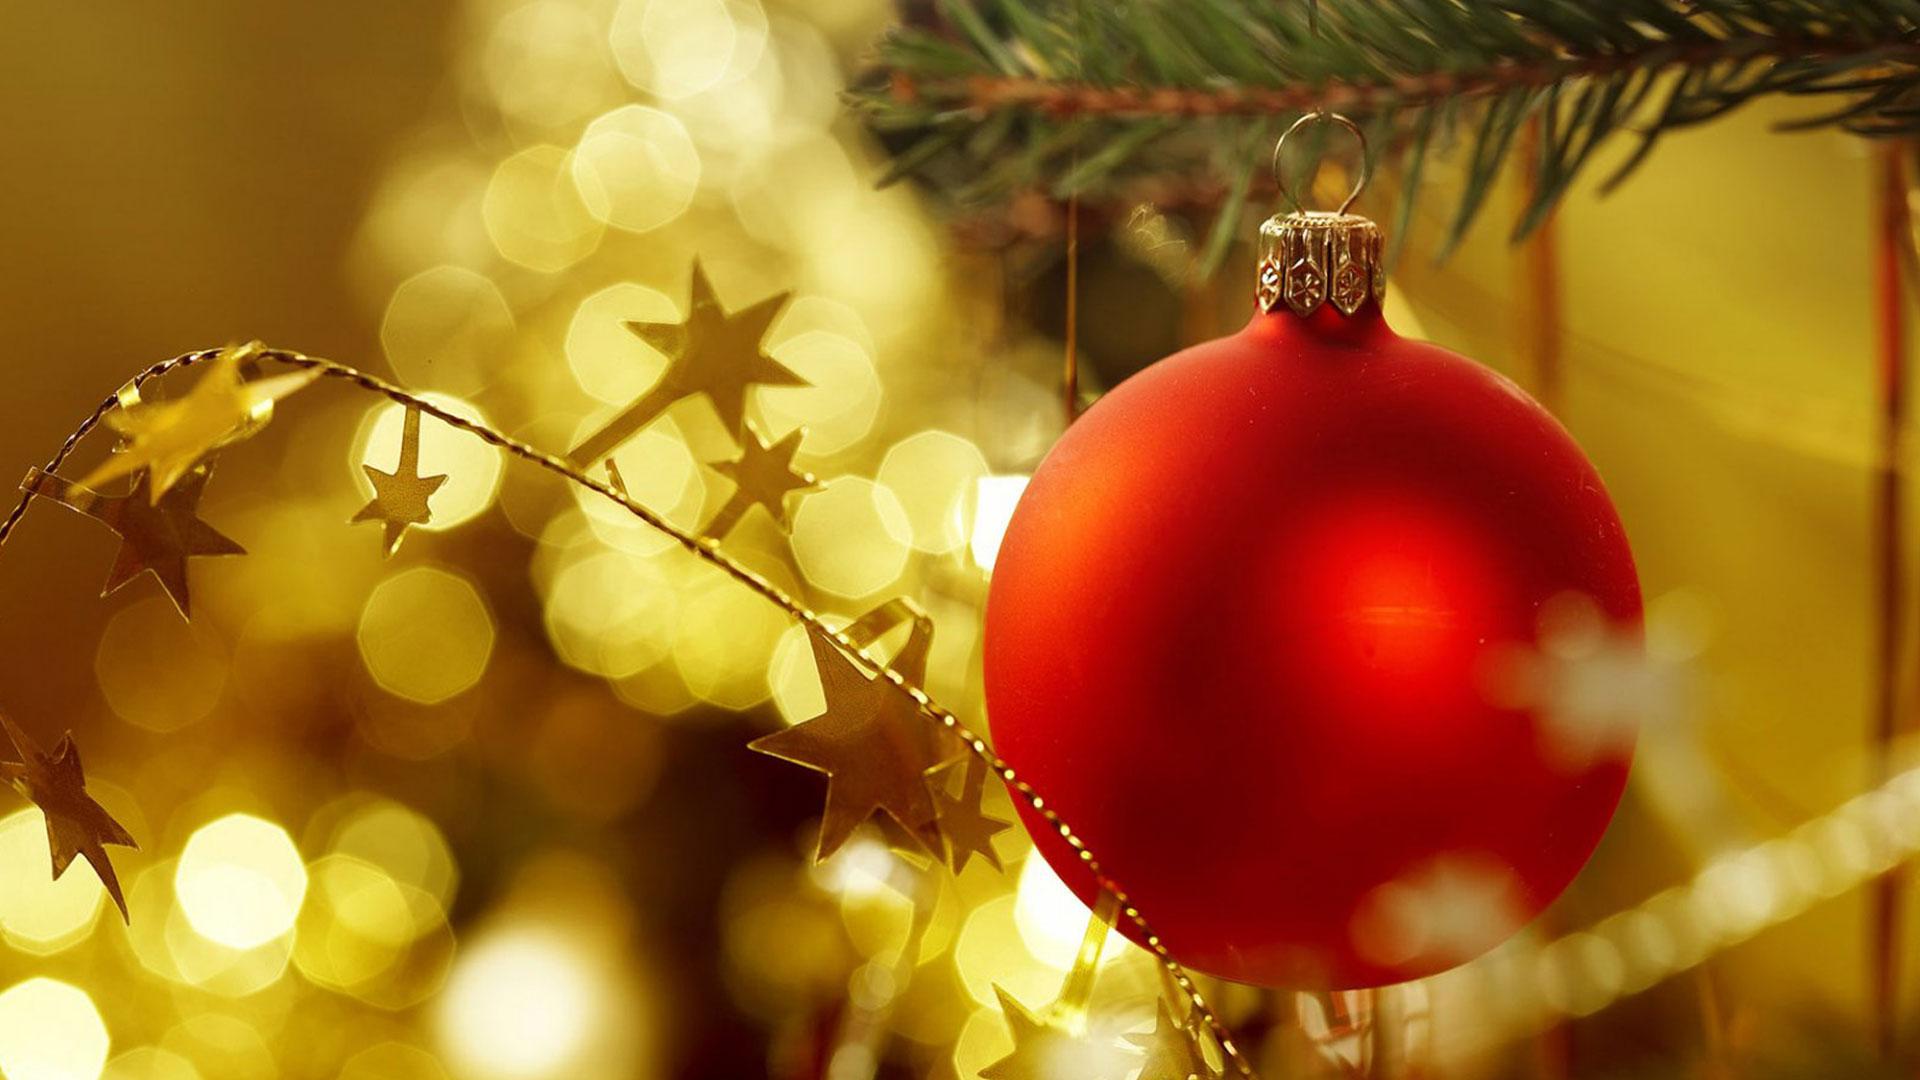 La decoración navideña está en gran parte concentrada en el árbol o pino de Navidad, en él se trata de reunir los símbolos e íconos de esta fiesta. Por un lado la alegría de los colores, las luces, figuras religiosas y otras más relacionadas con la costumbre de los regalos y el Viejo Pascuero. Elegir un pino, saber cómo poner las luces y cómo adornarlo son tareas no menos importantes si tomamos en cuenta que será una decoración que estará aproximadamente un mes en la casa y puede aburrirnos rápidamente o desentonar con el resto del hogar.